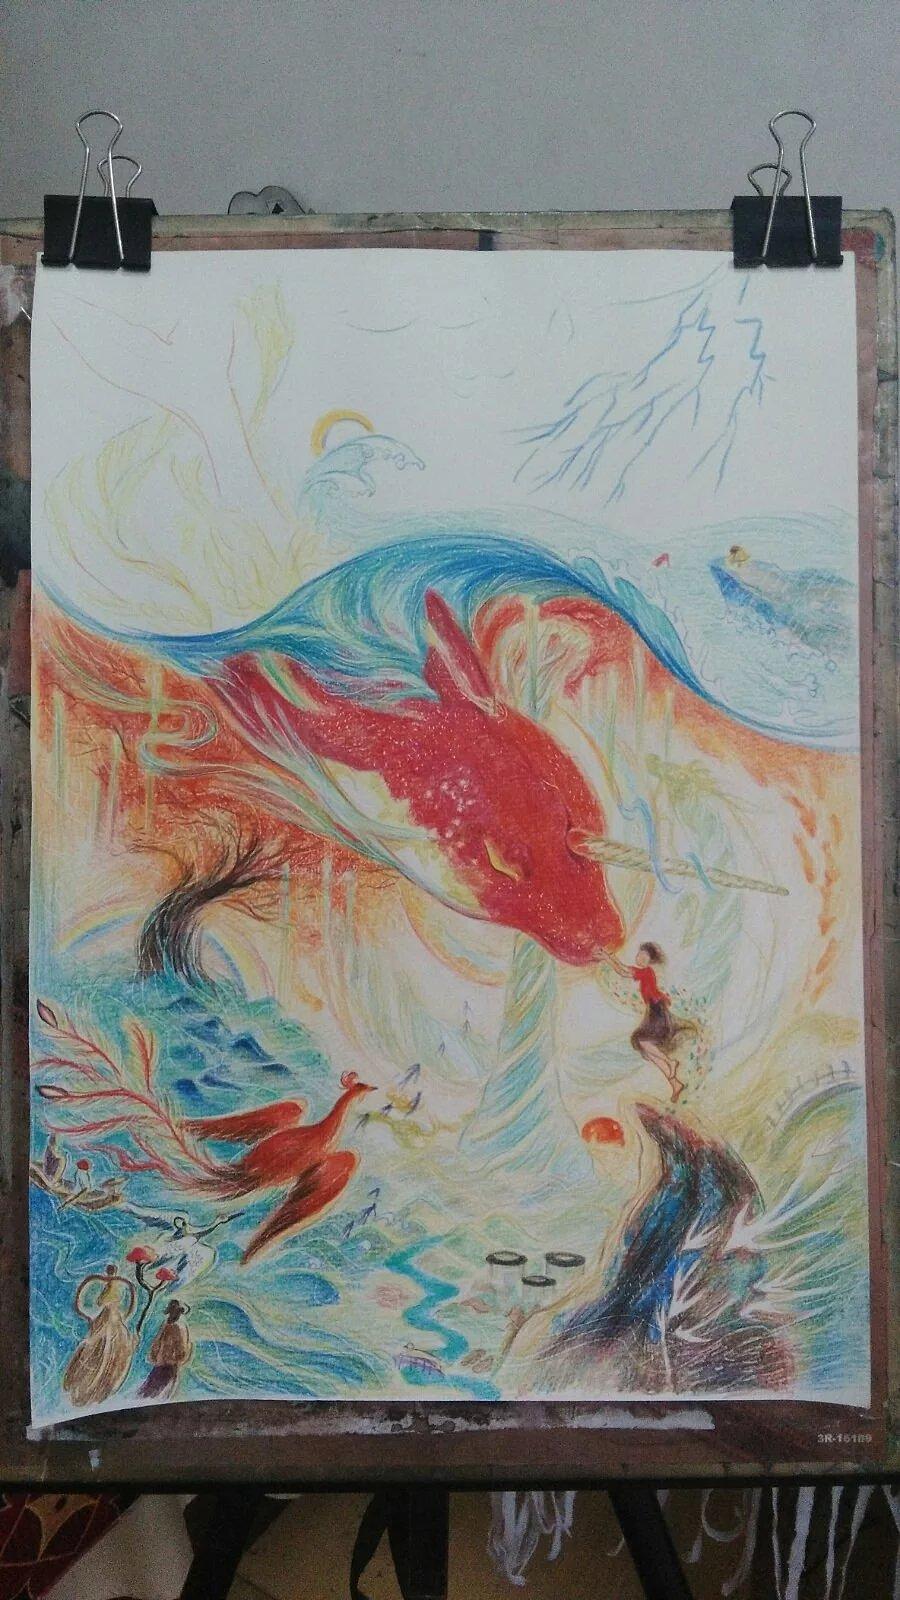 大鱼海棠|纯艺术|彩铅|林策 - 原创作品 - 站酷图片